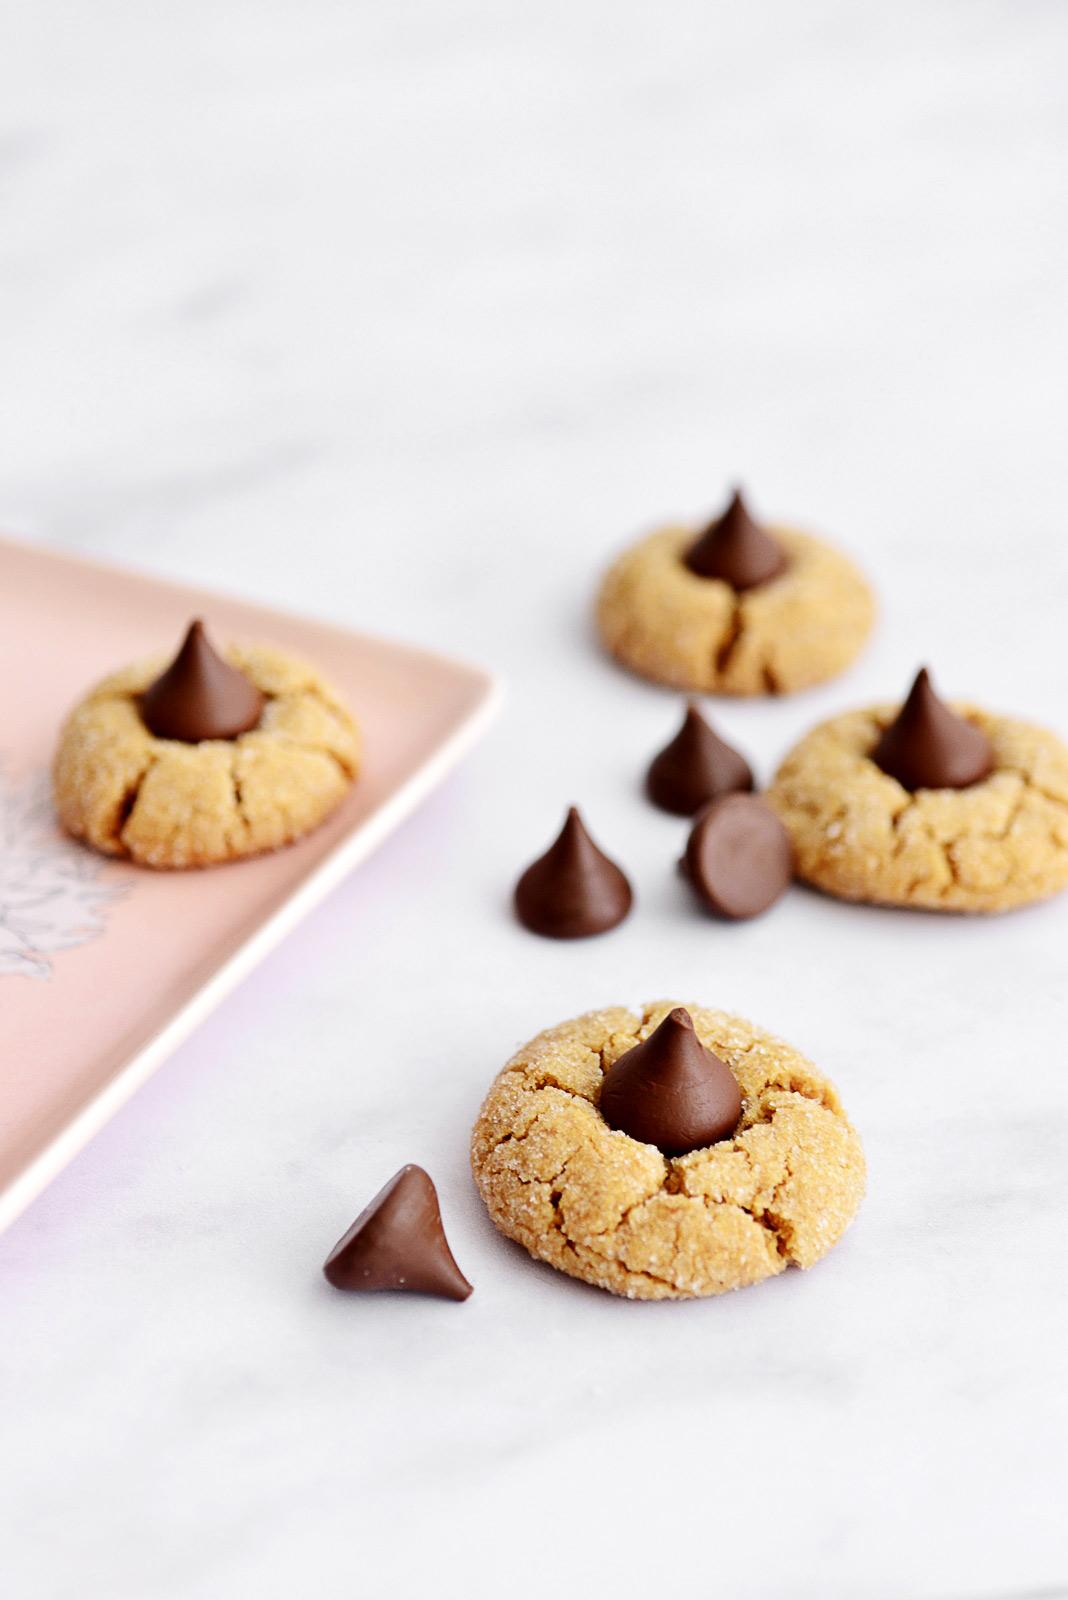 עוגיות חמאת בוטנים ונשיקת שוקולד